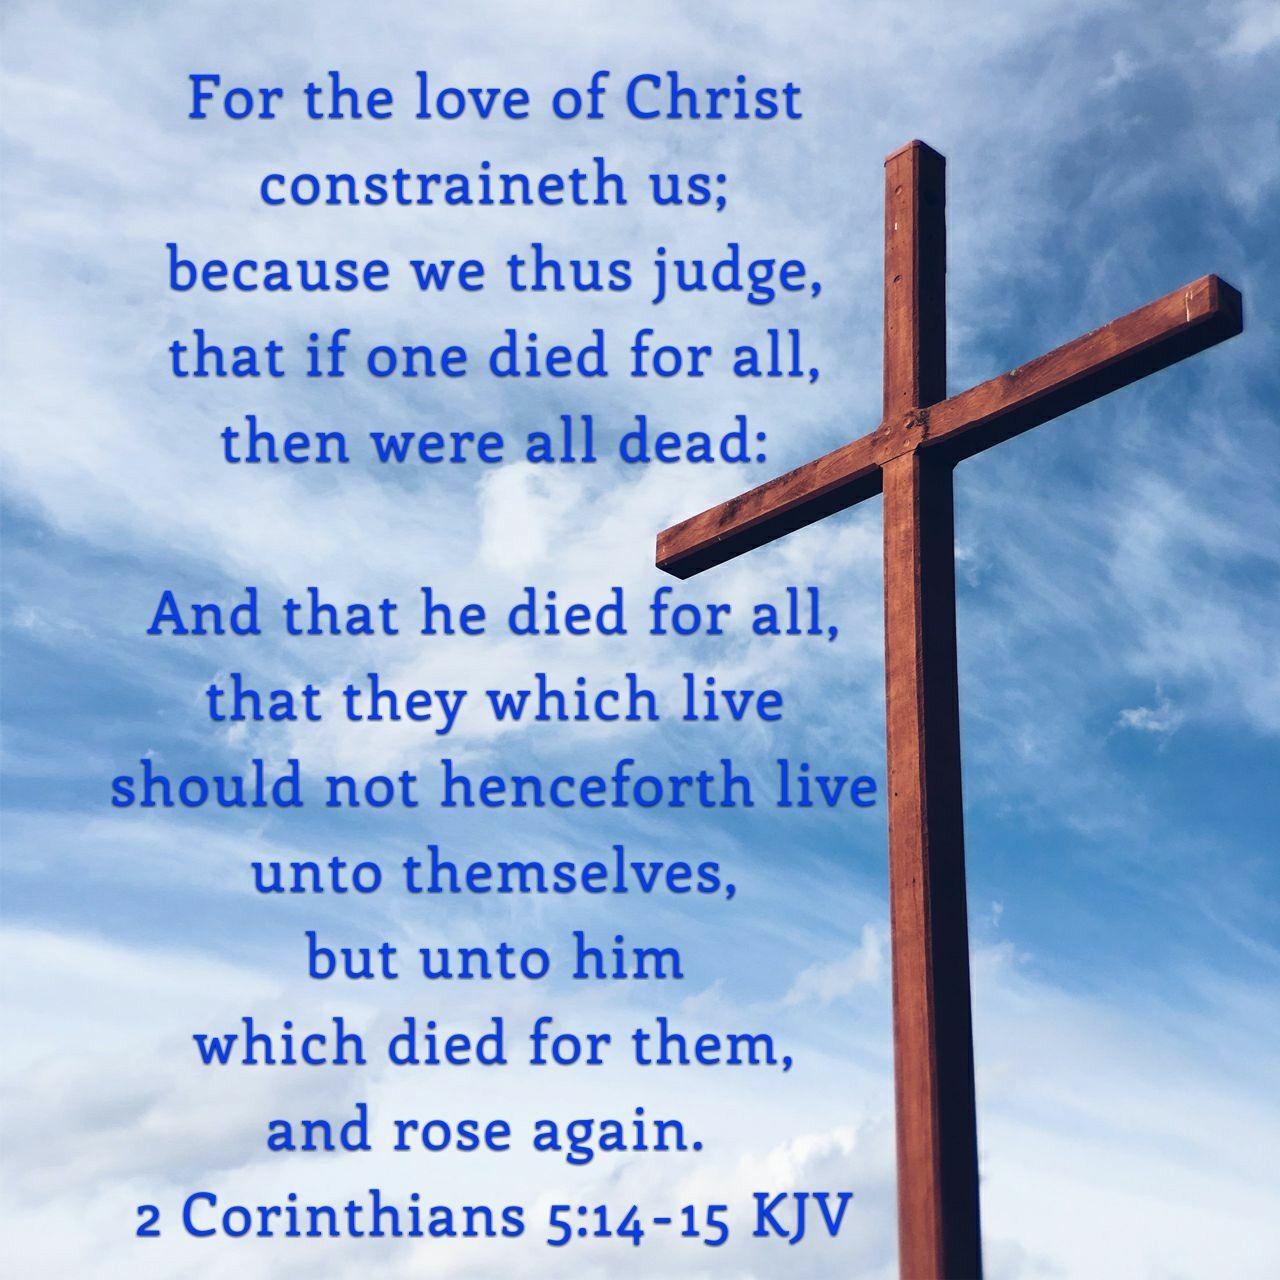 Sword In The Bible Quote: 2 Corinthians 5:14-15 KJV